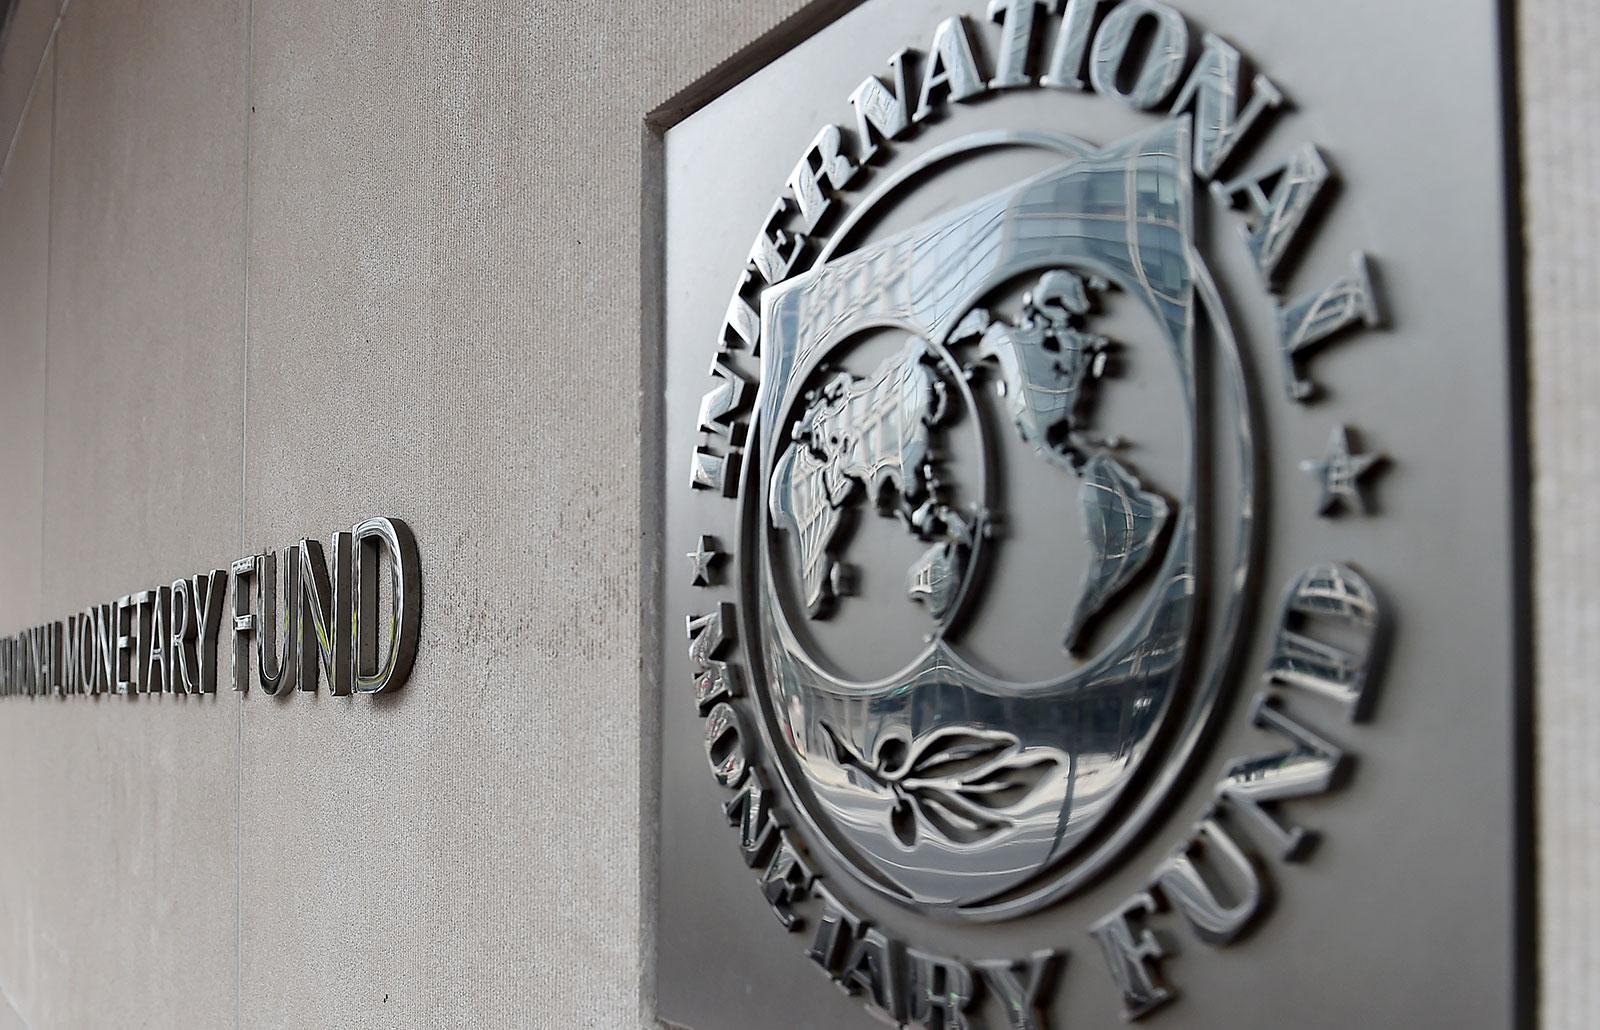 Una vista esterna dell'edificio del FMI a Washington visto il 27 marzo 2021.